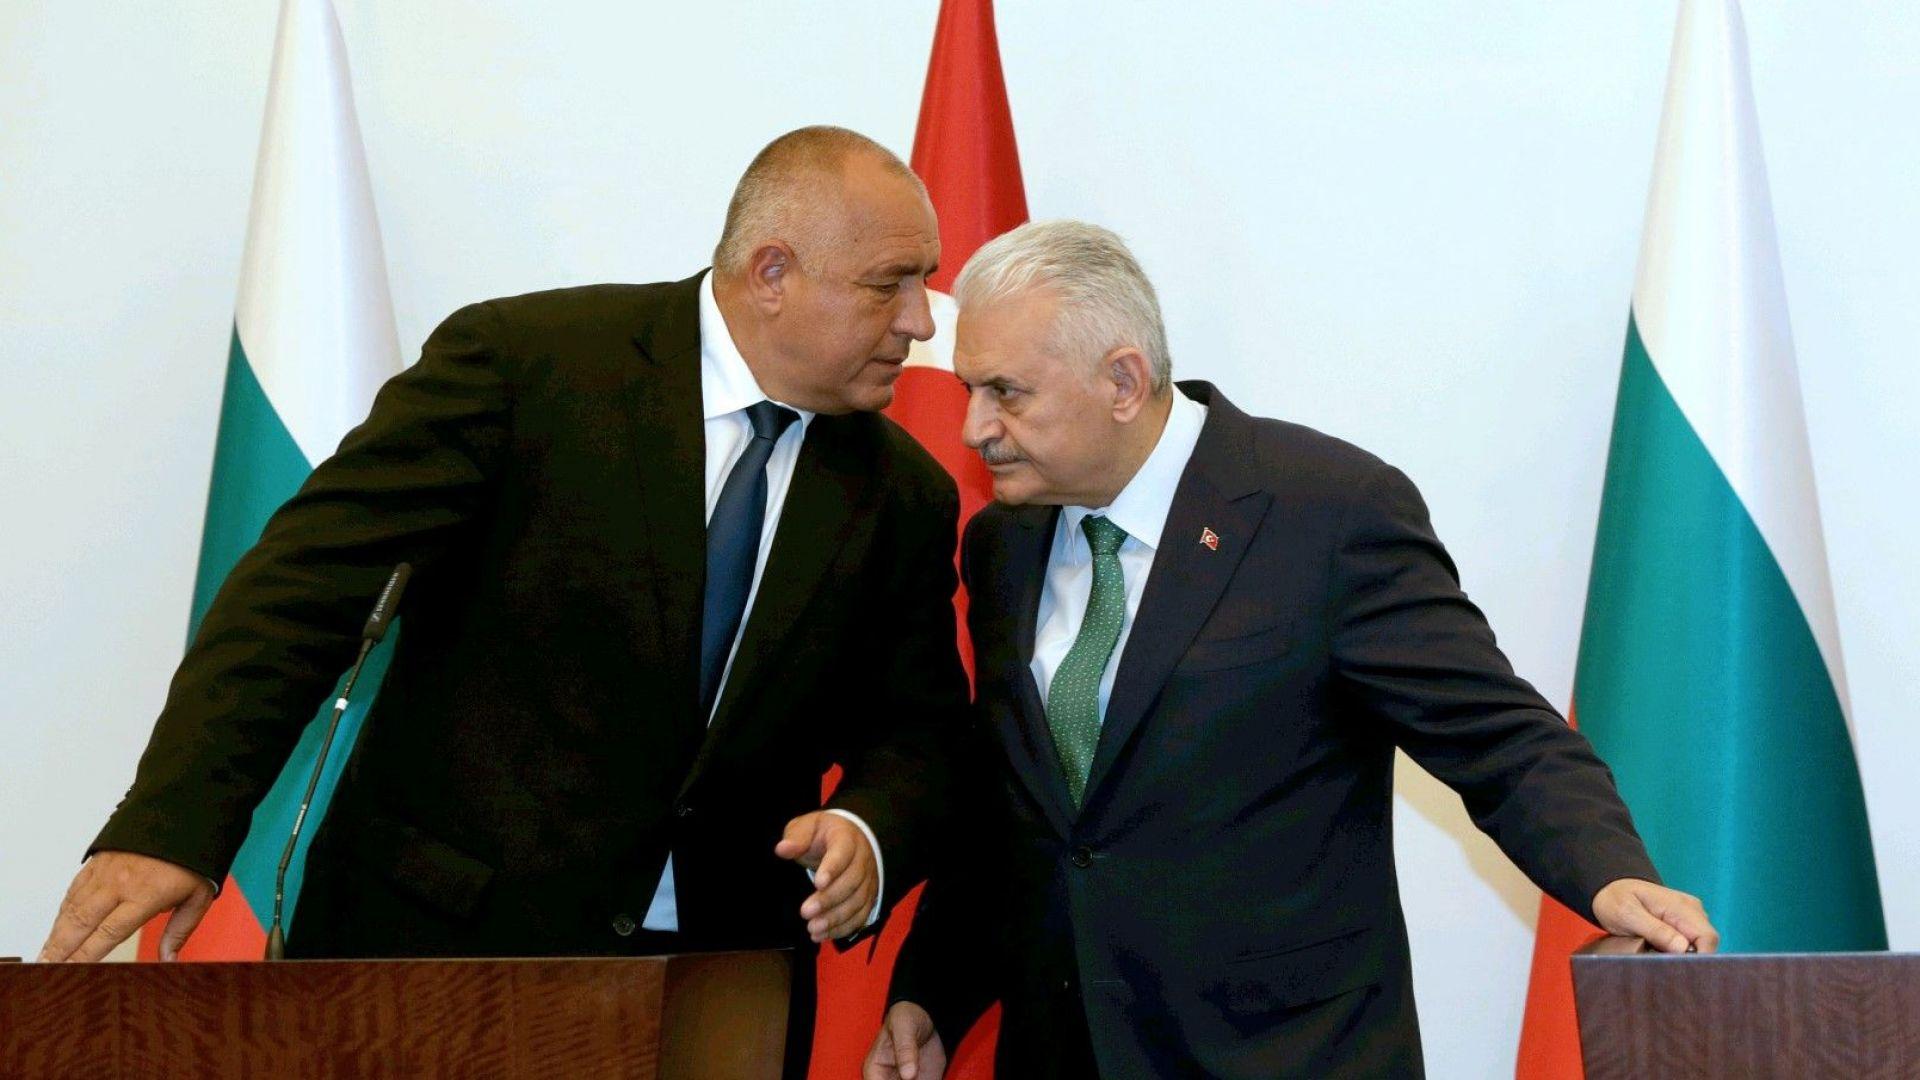 Борисов: Десетилетия само се говореше за доставка на азерски газ в България, а ние го направихме възможно